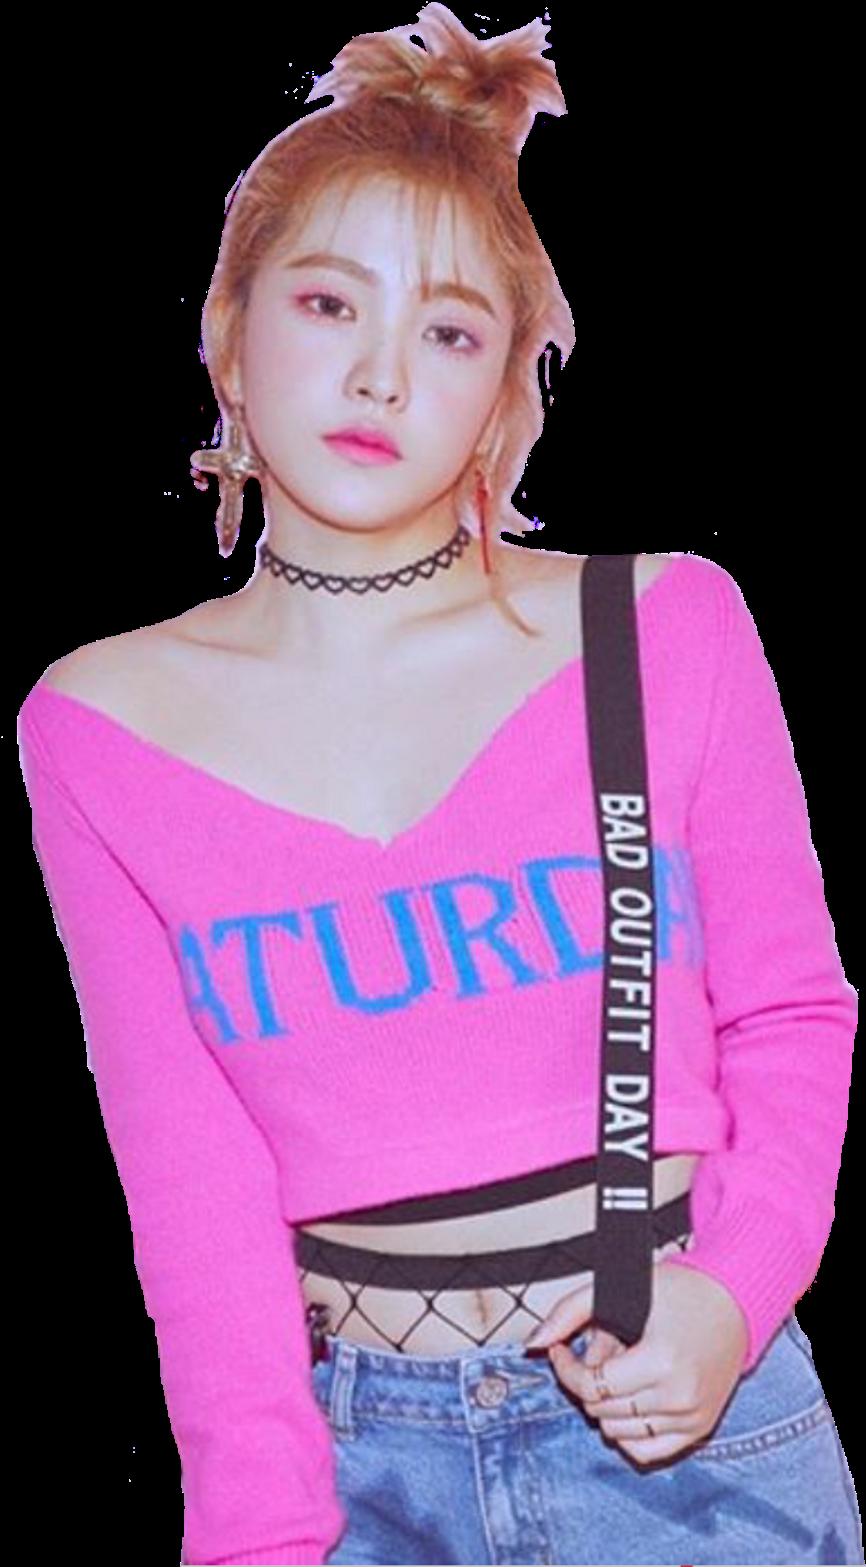 Download Redvelvet Yeri Rv Irene Seulgi Joy Wendy Kpop Red Velvet Bad Boy Outfits Full Size Png Image Pngkit